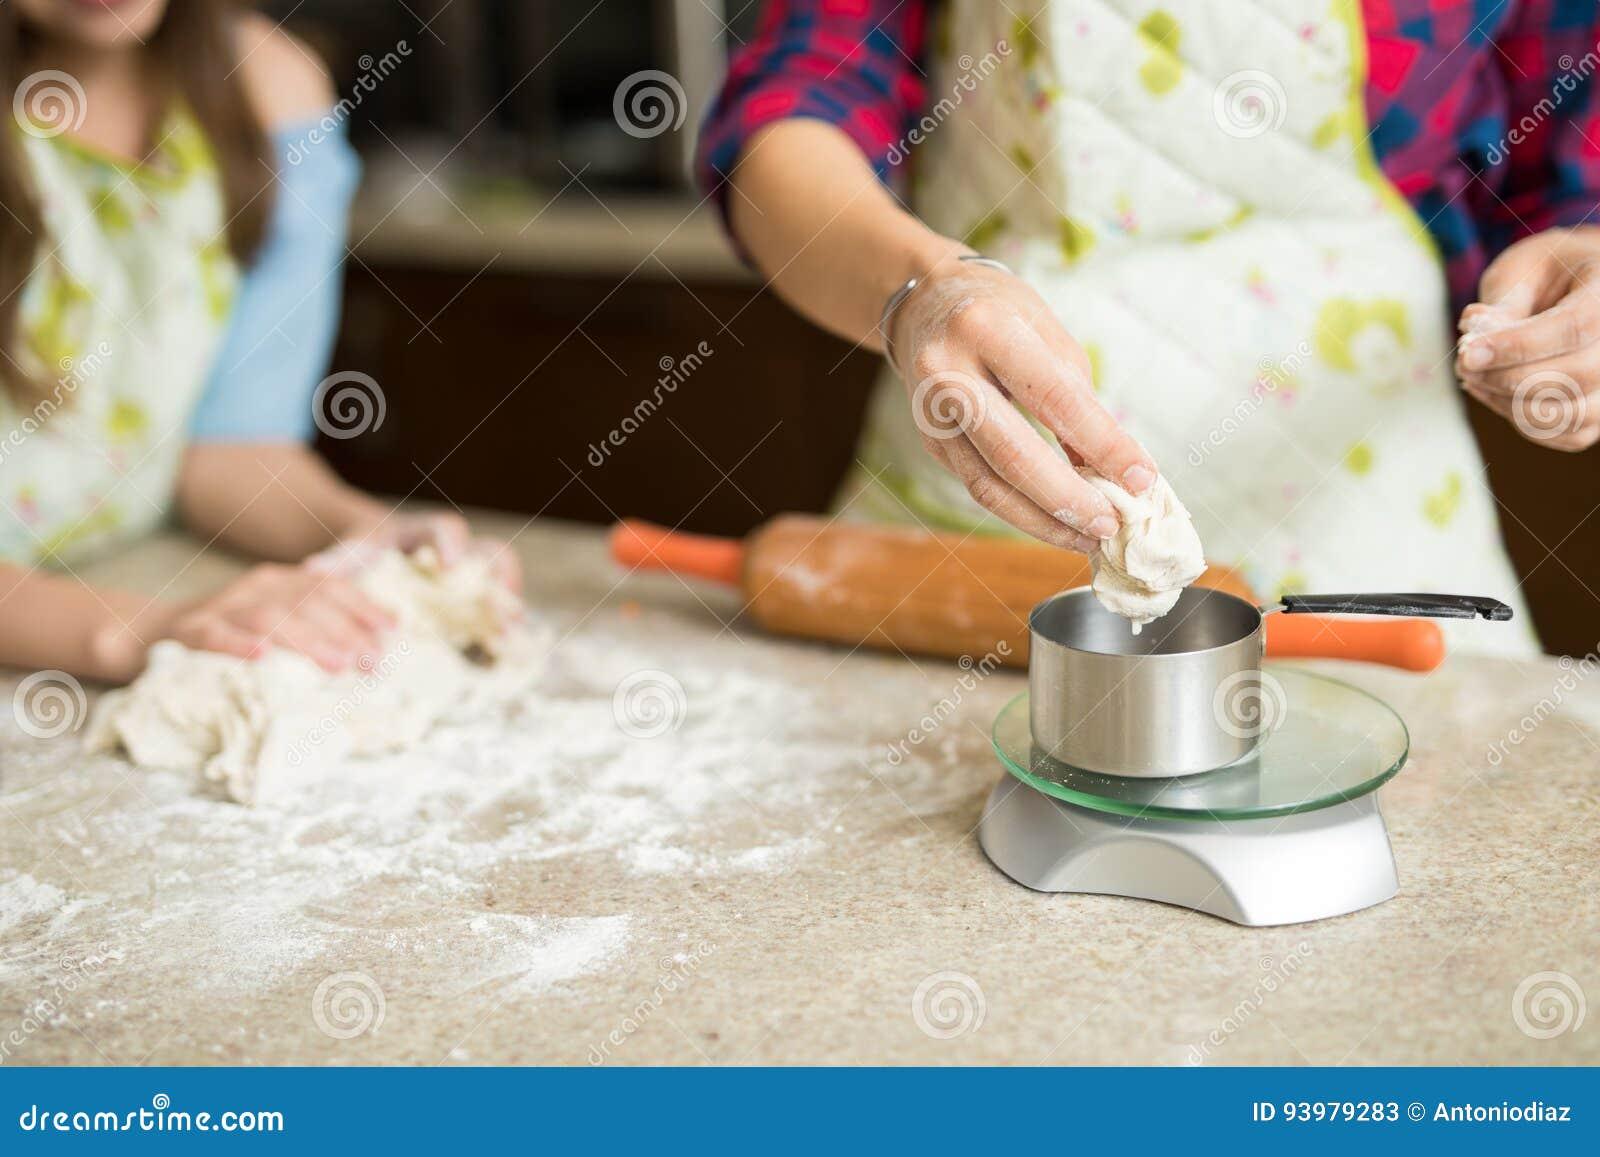 Pesaje de la pasta en una escala